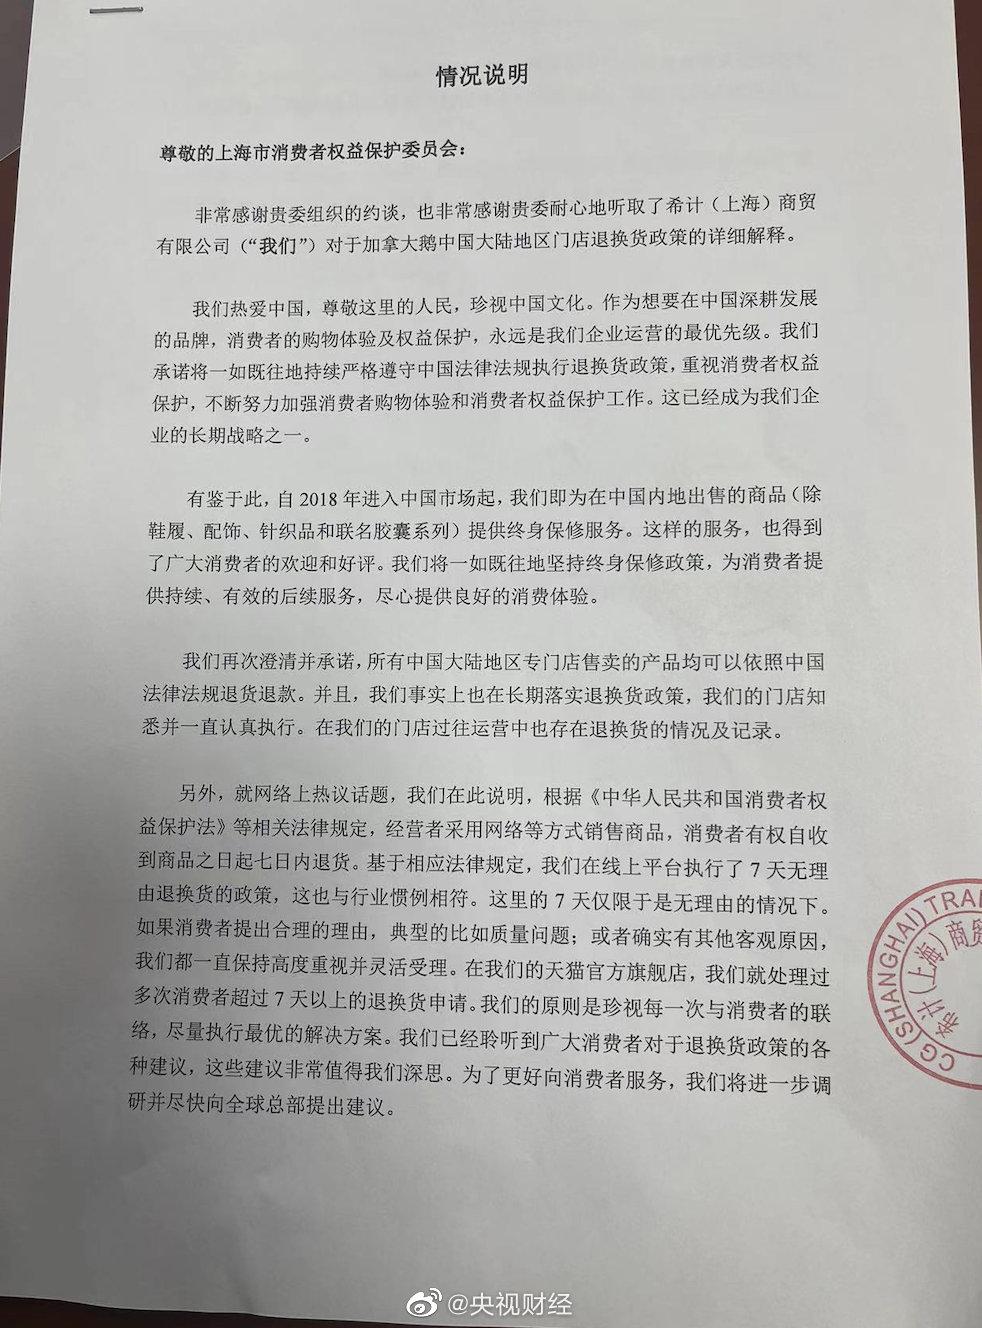 刘国梁痛批樊振东:别再捧杀 他还不具备冠军气质